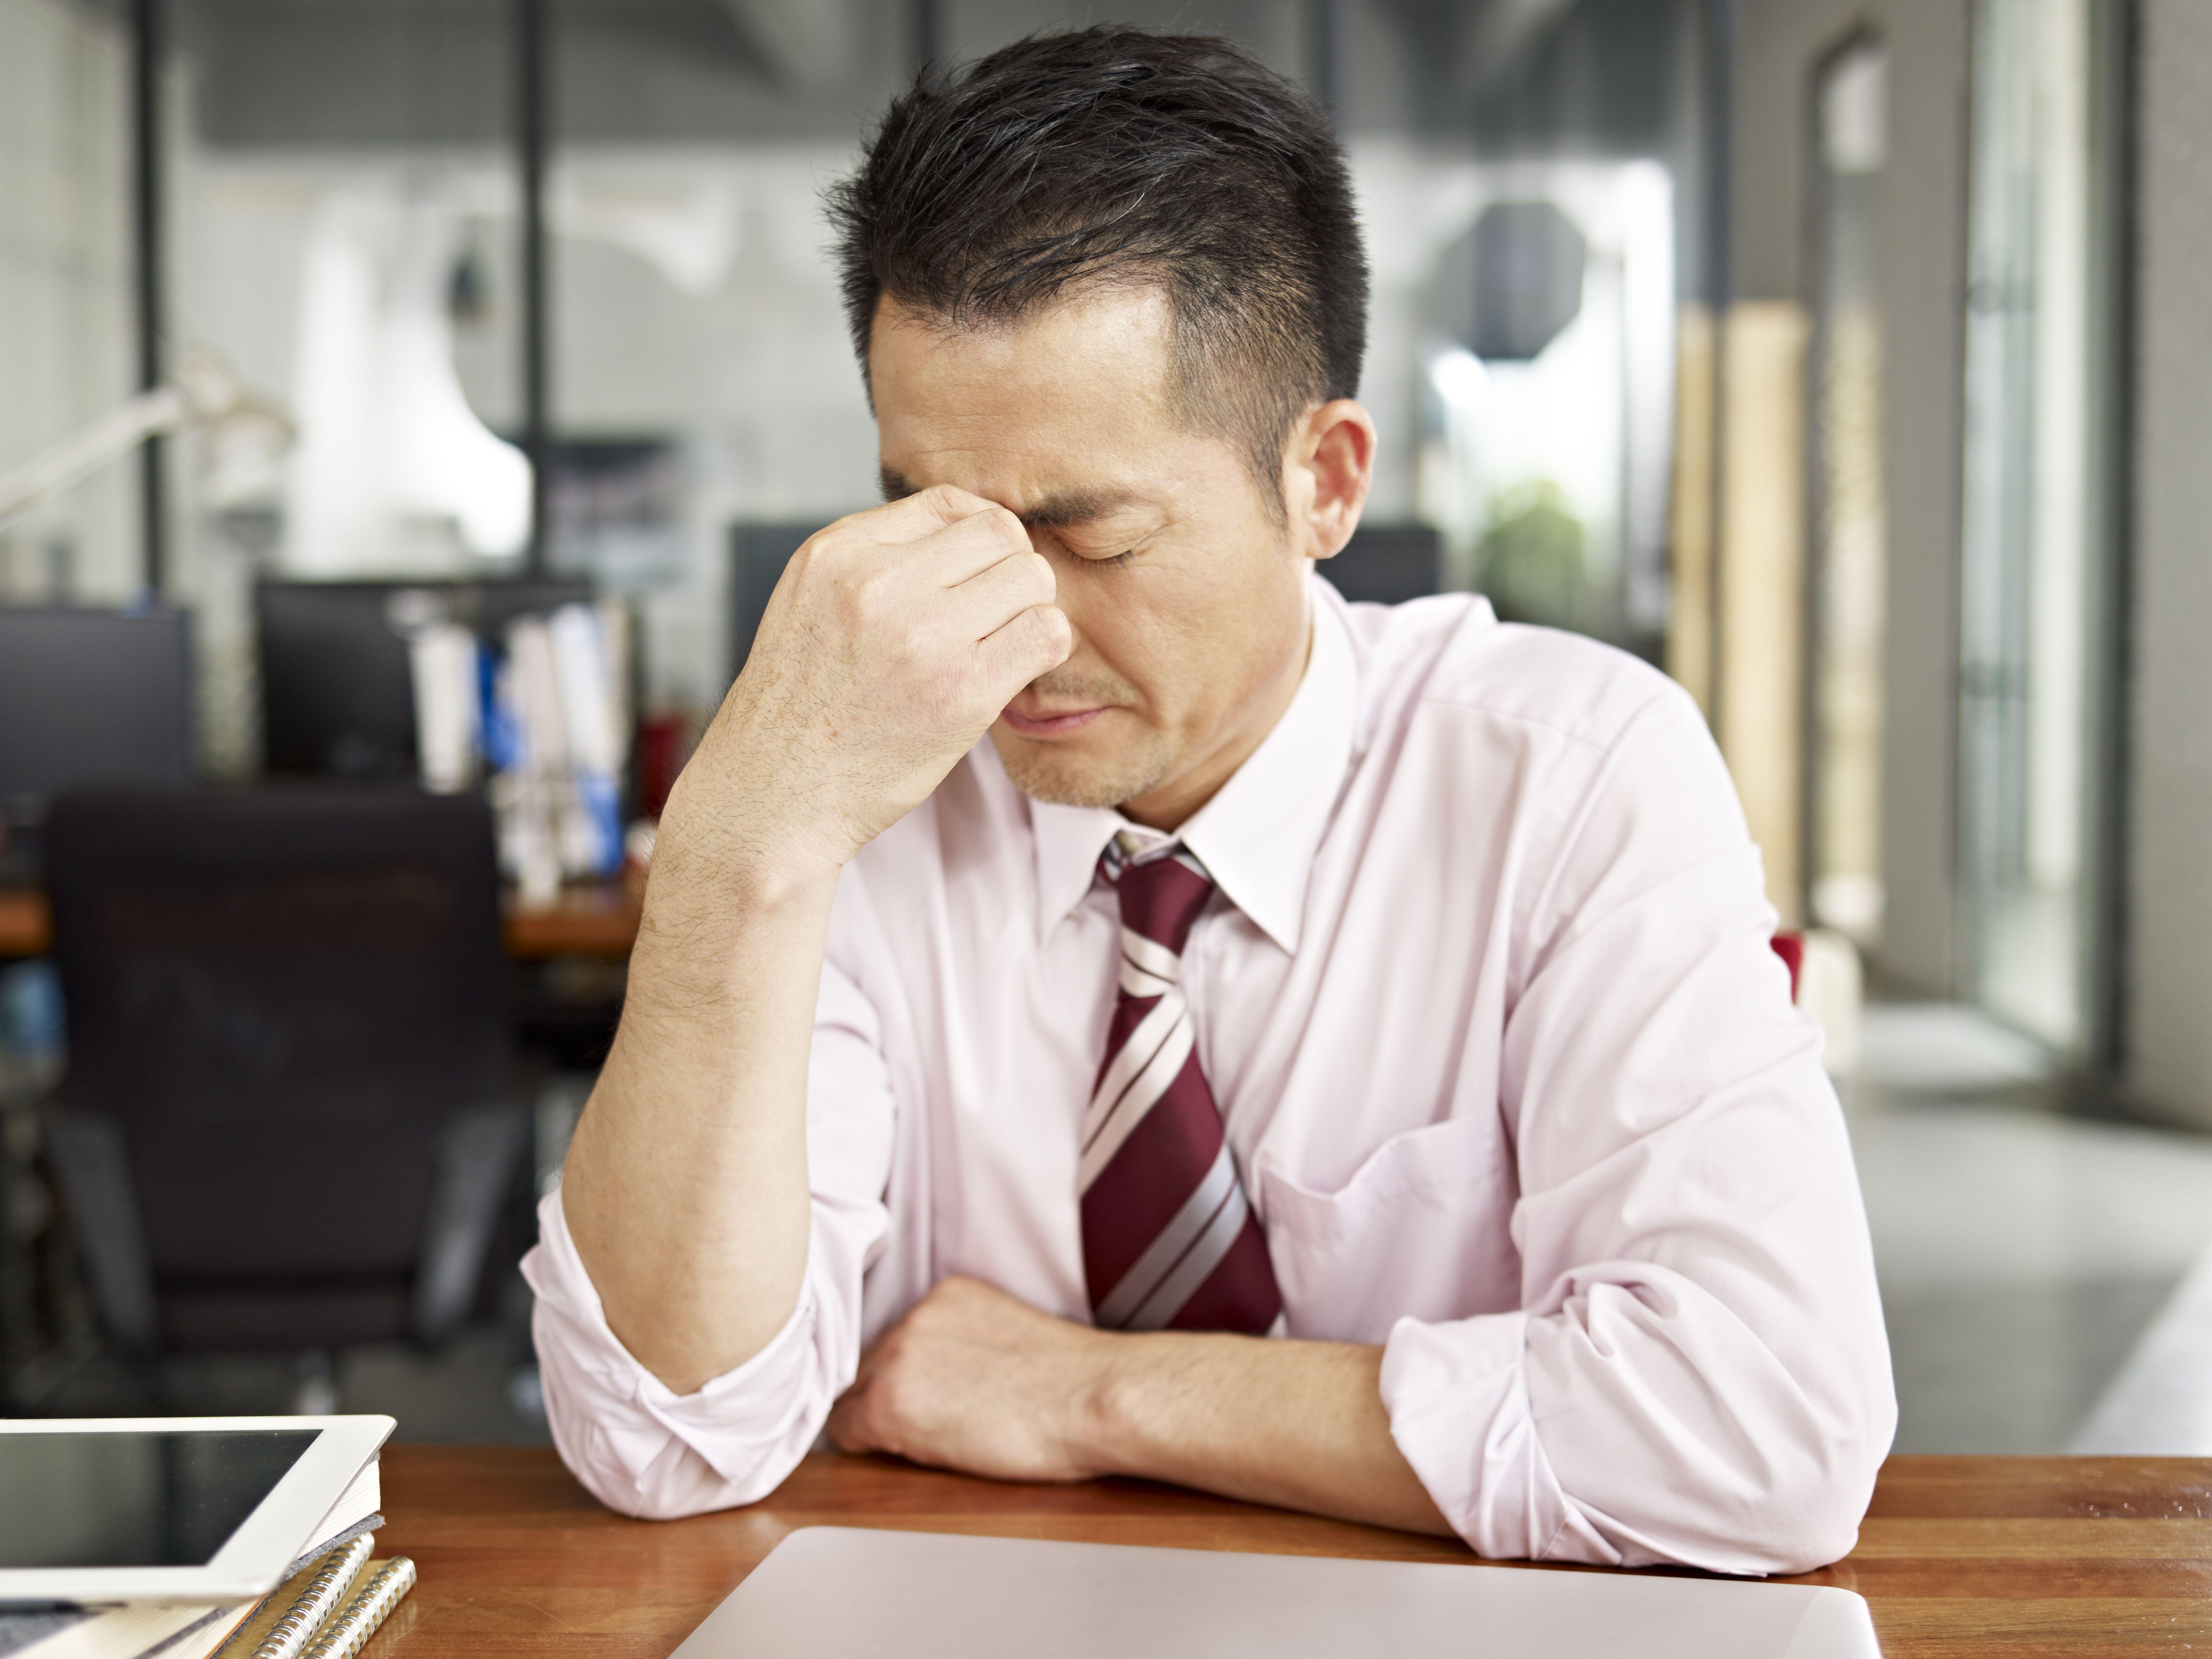 W Europie stosunkowo trudno jest przedsiębiorcom zwolnić pracowników, którzy nie spełniają ich oczekiwań. (fot. archiwum)